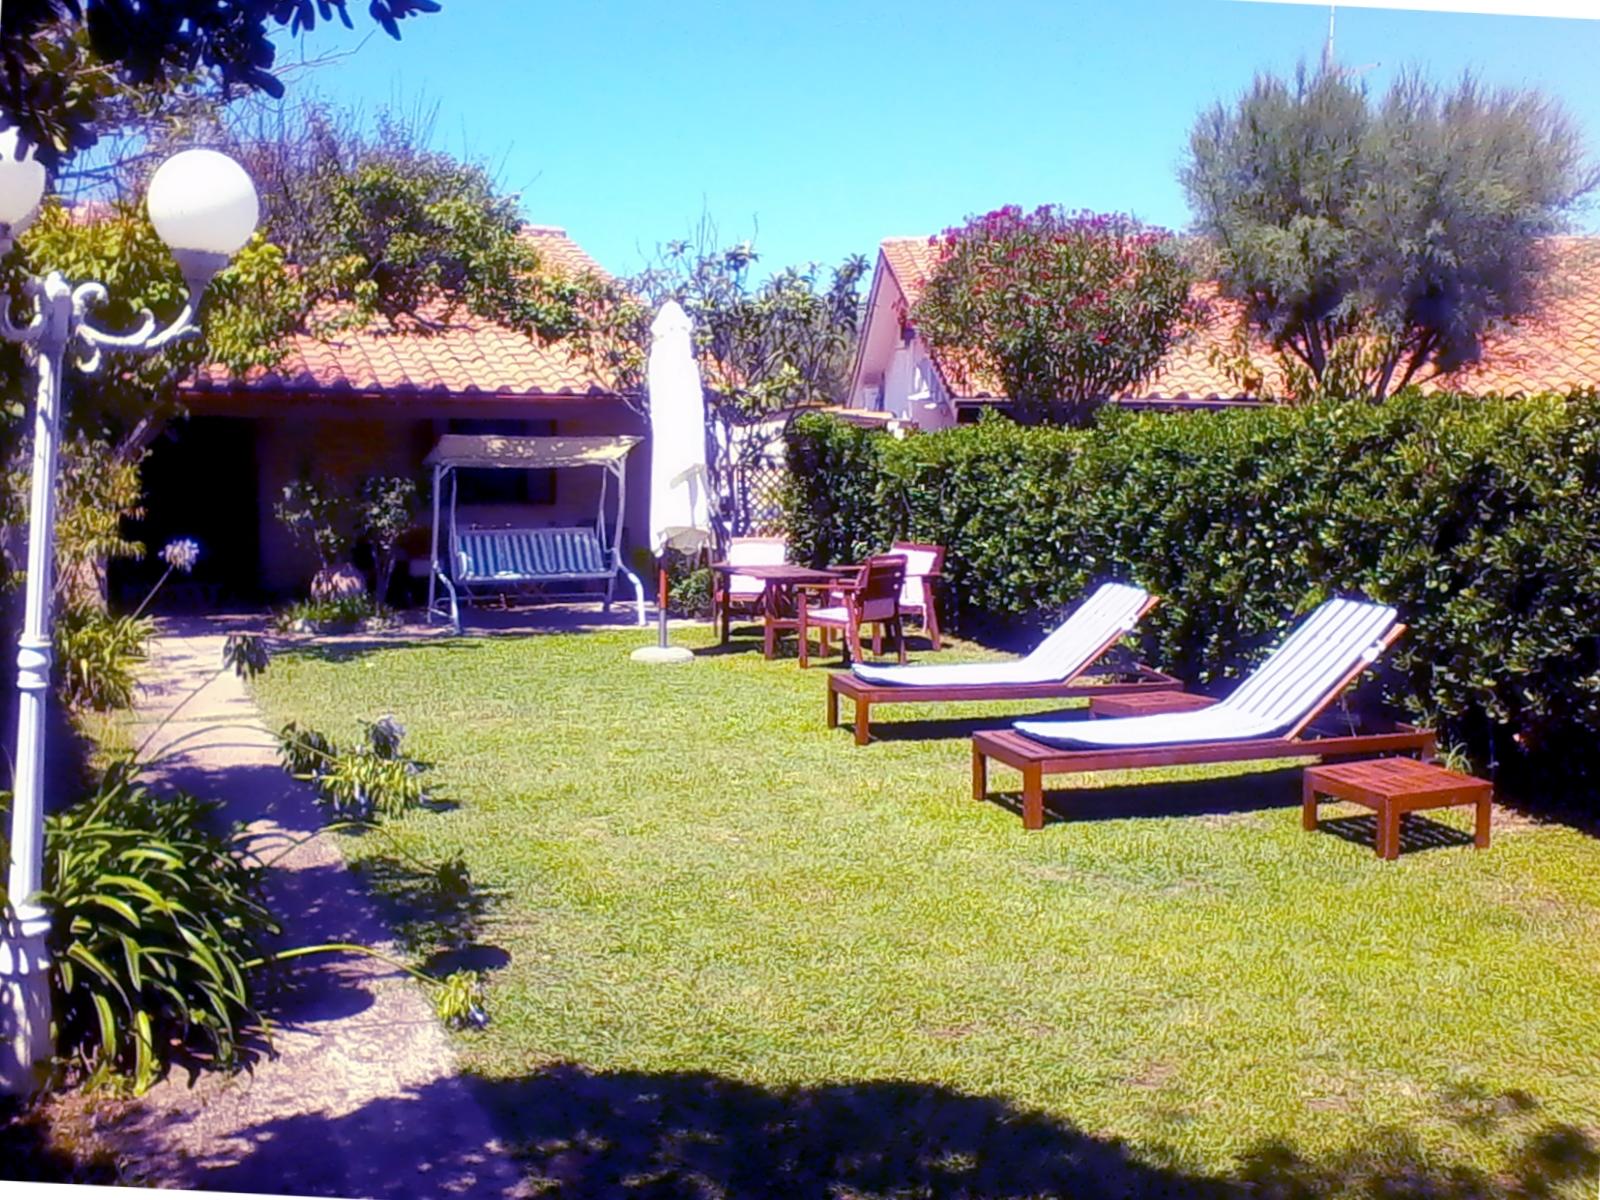 Affitto casa vacanze al mare in villino con giardino  promoedintorni